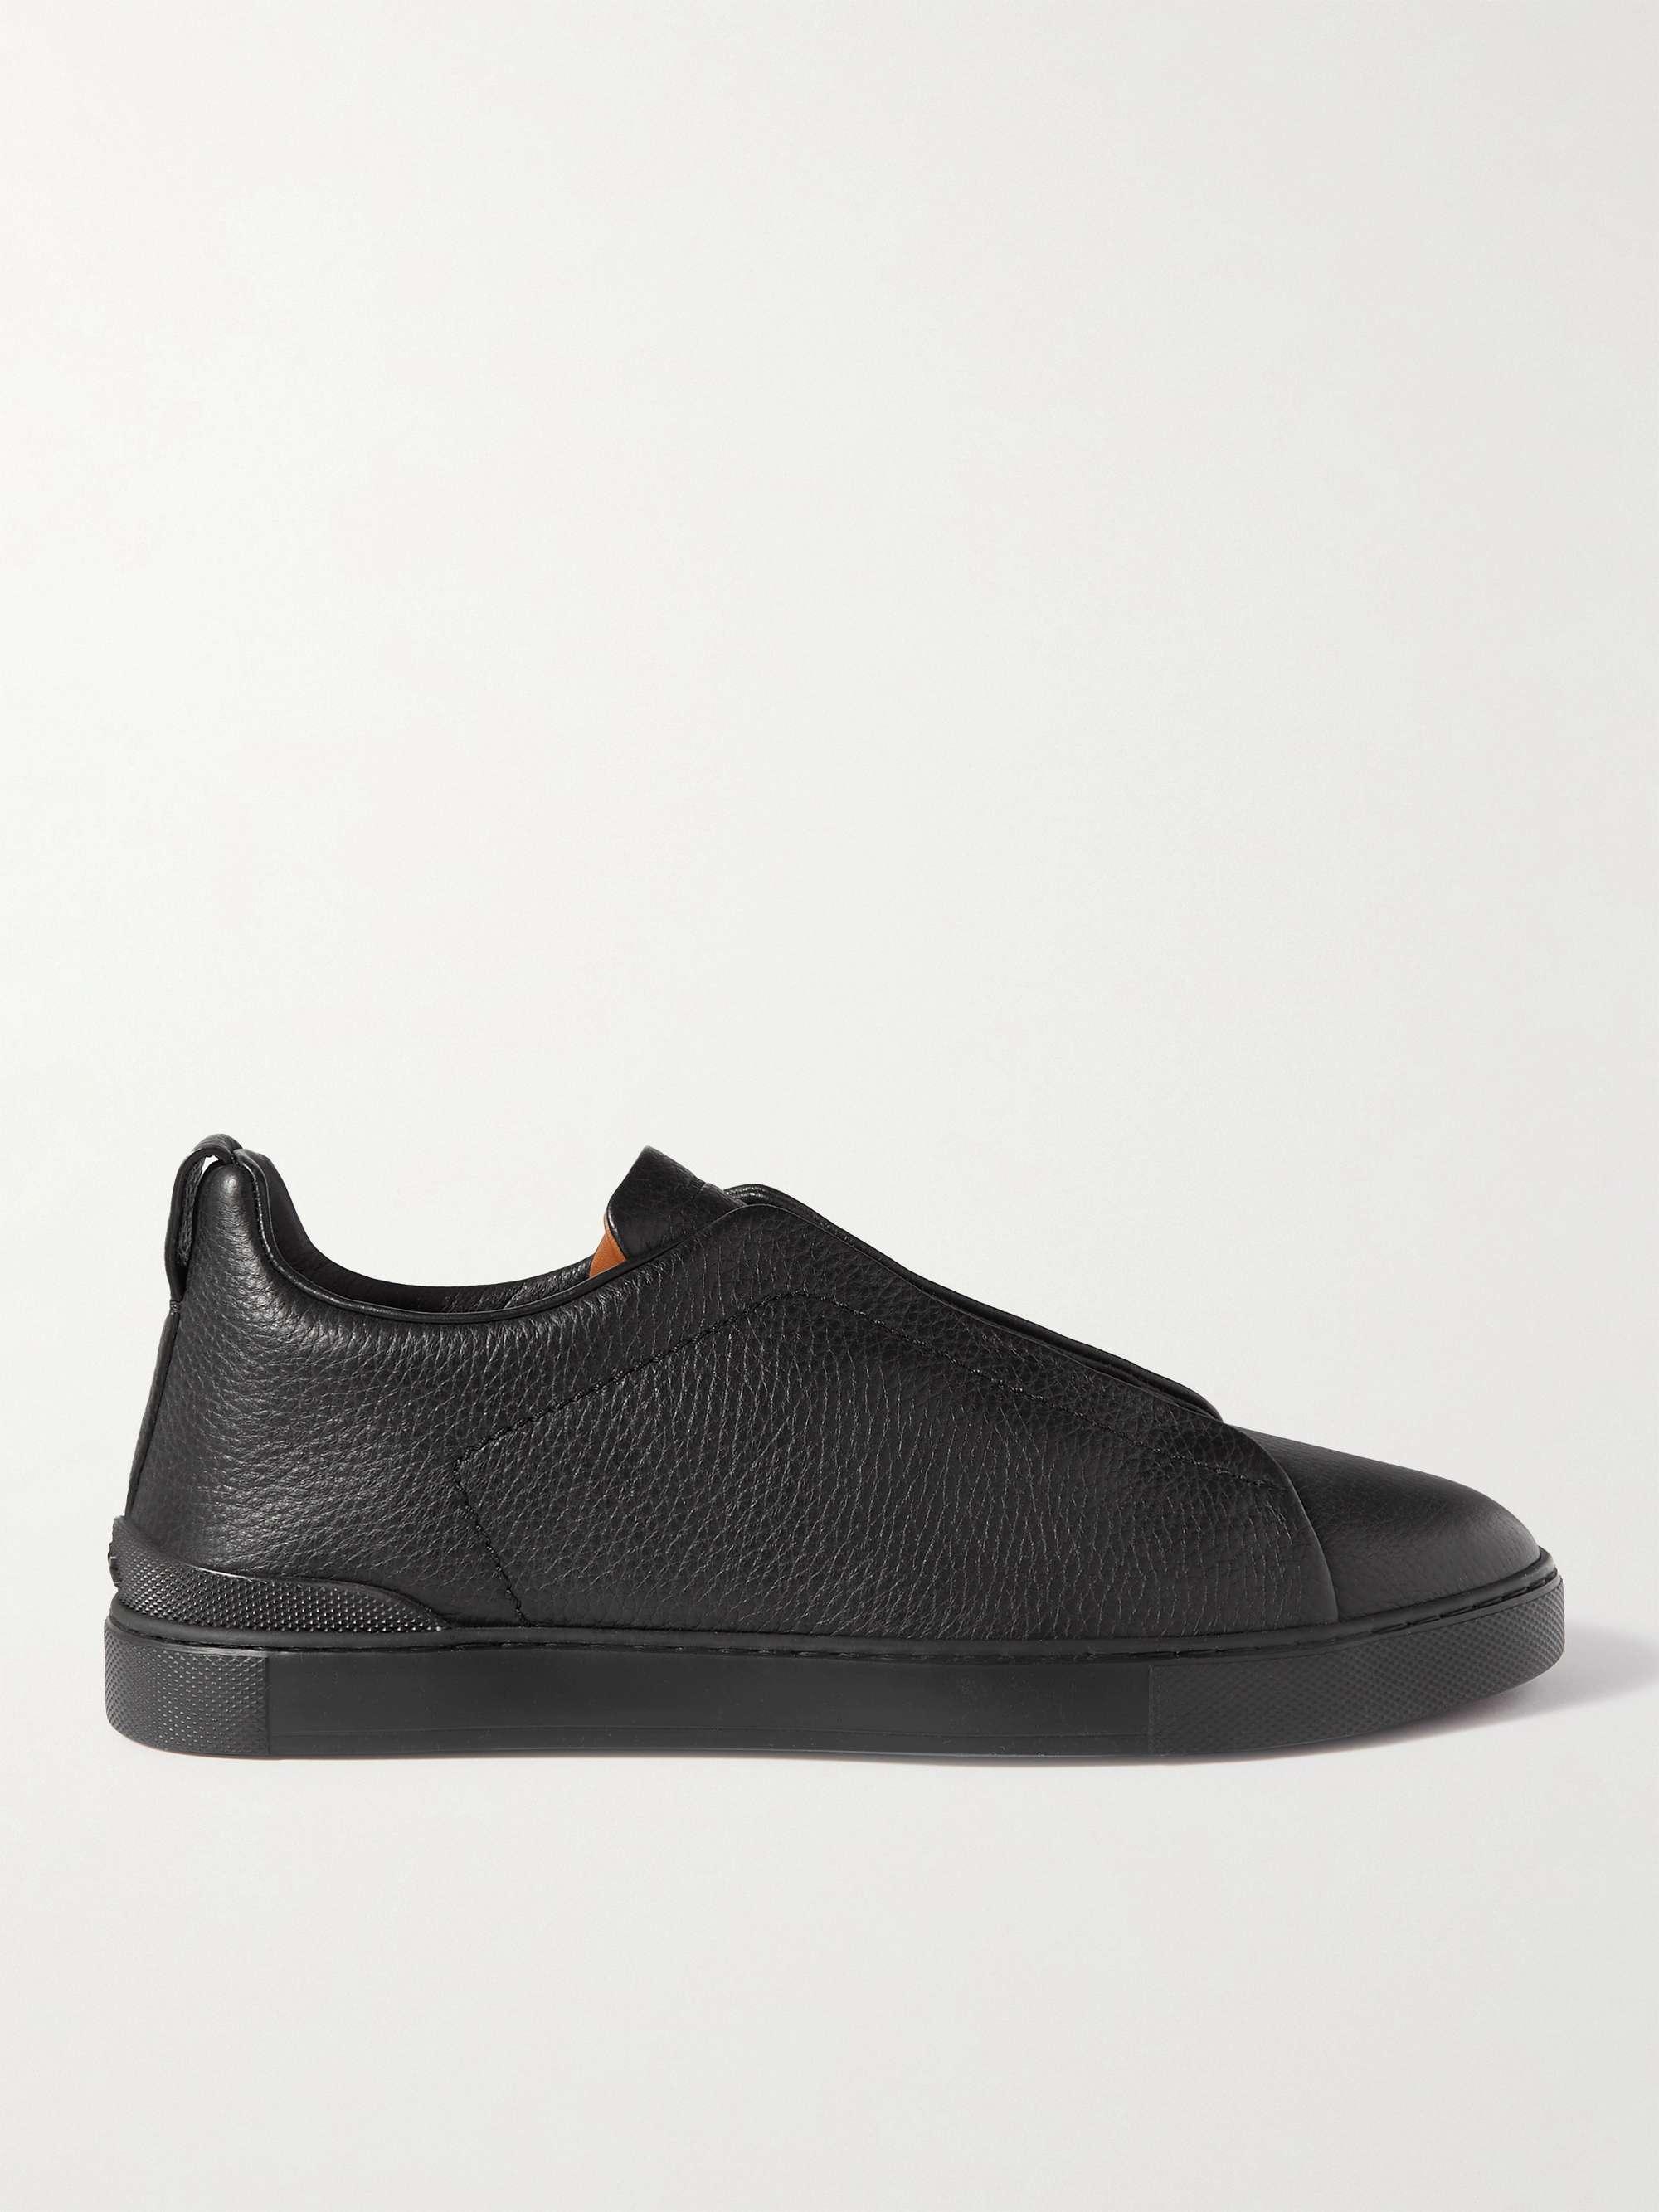 제냐 슬립온 스니커즈, 그레인 가죽 - 블랙 ('갯마을 차차차' 김선호 착용 다른 컬러) Zegna Full-Grain Leather Slip-On Sneakers,Black